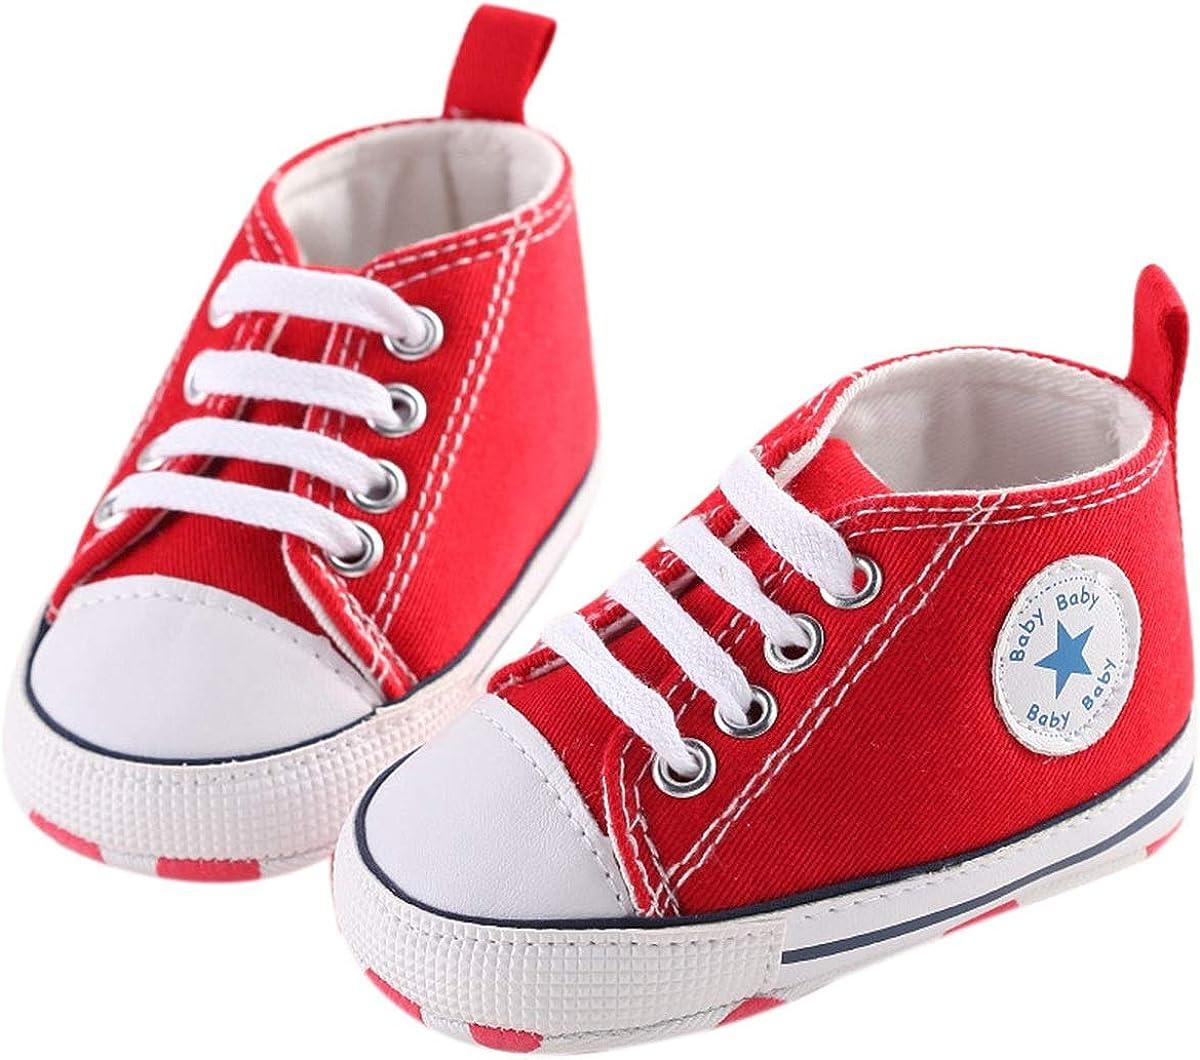 Chennie 0~12M S/äuglingsneugeborenes Baby-M/ädchen-Segeltuch-Stern-hohe Spitzen-Turnschuh-Denim-Schuhe